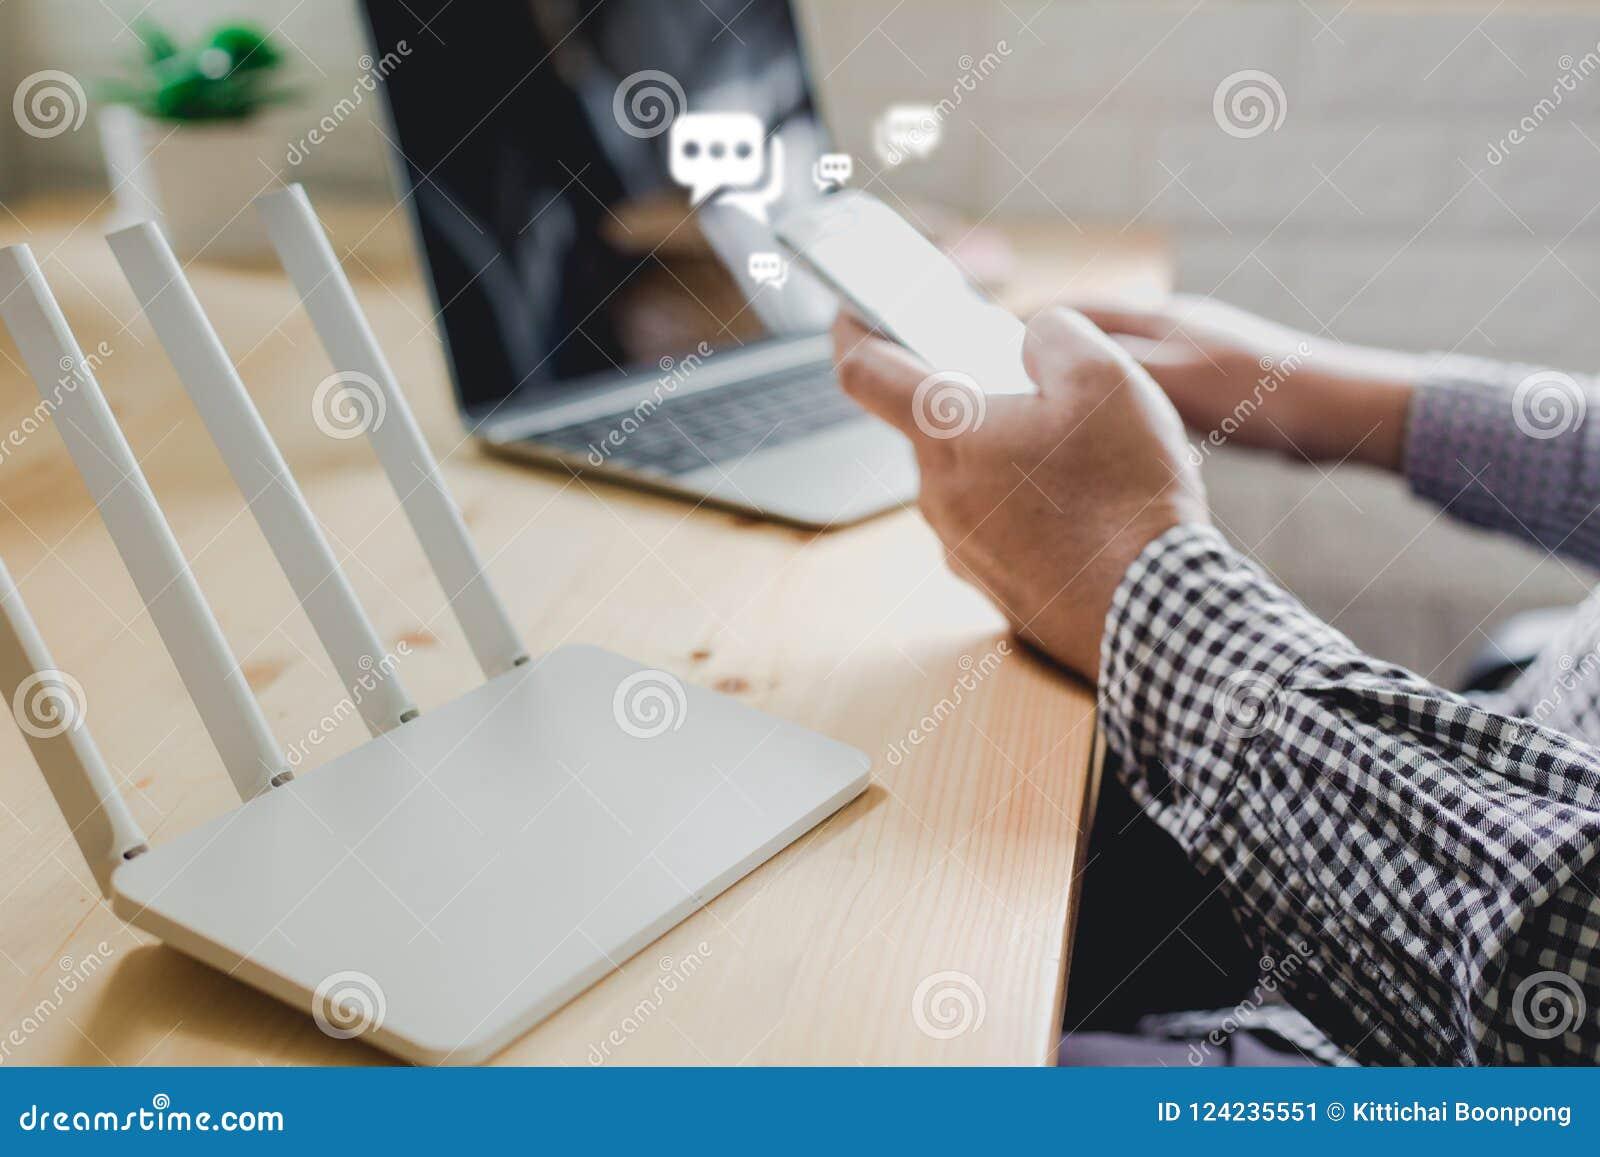 Smartphone móvel do uso da mão do homem, Live Chat Chatting no applicatio